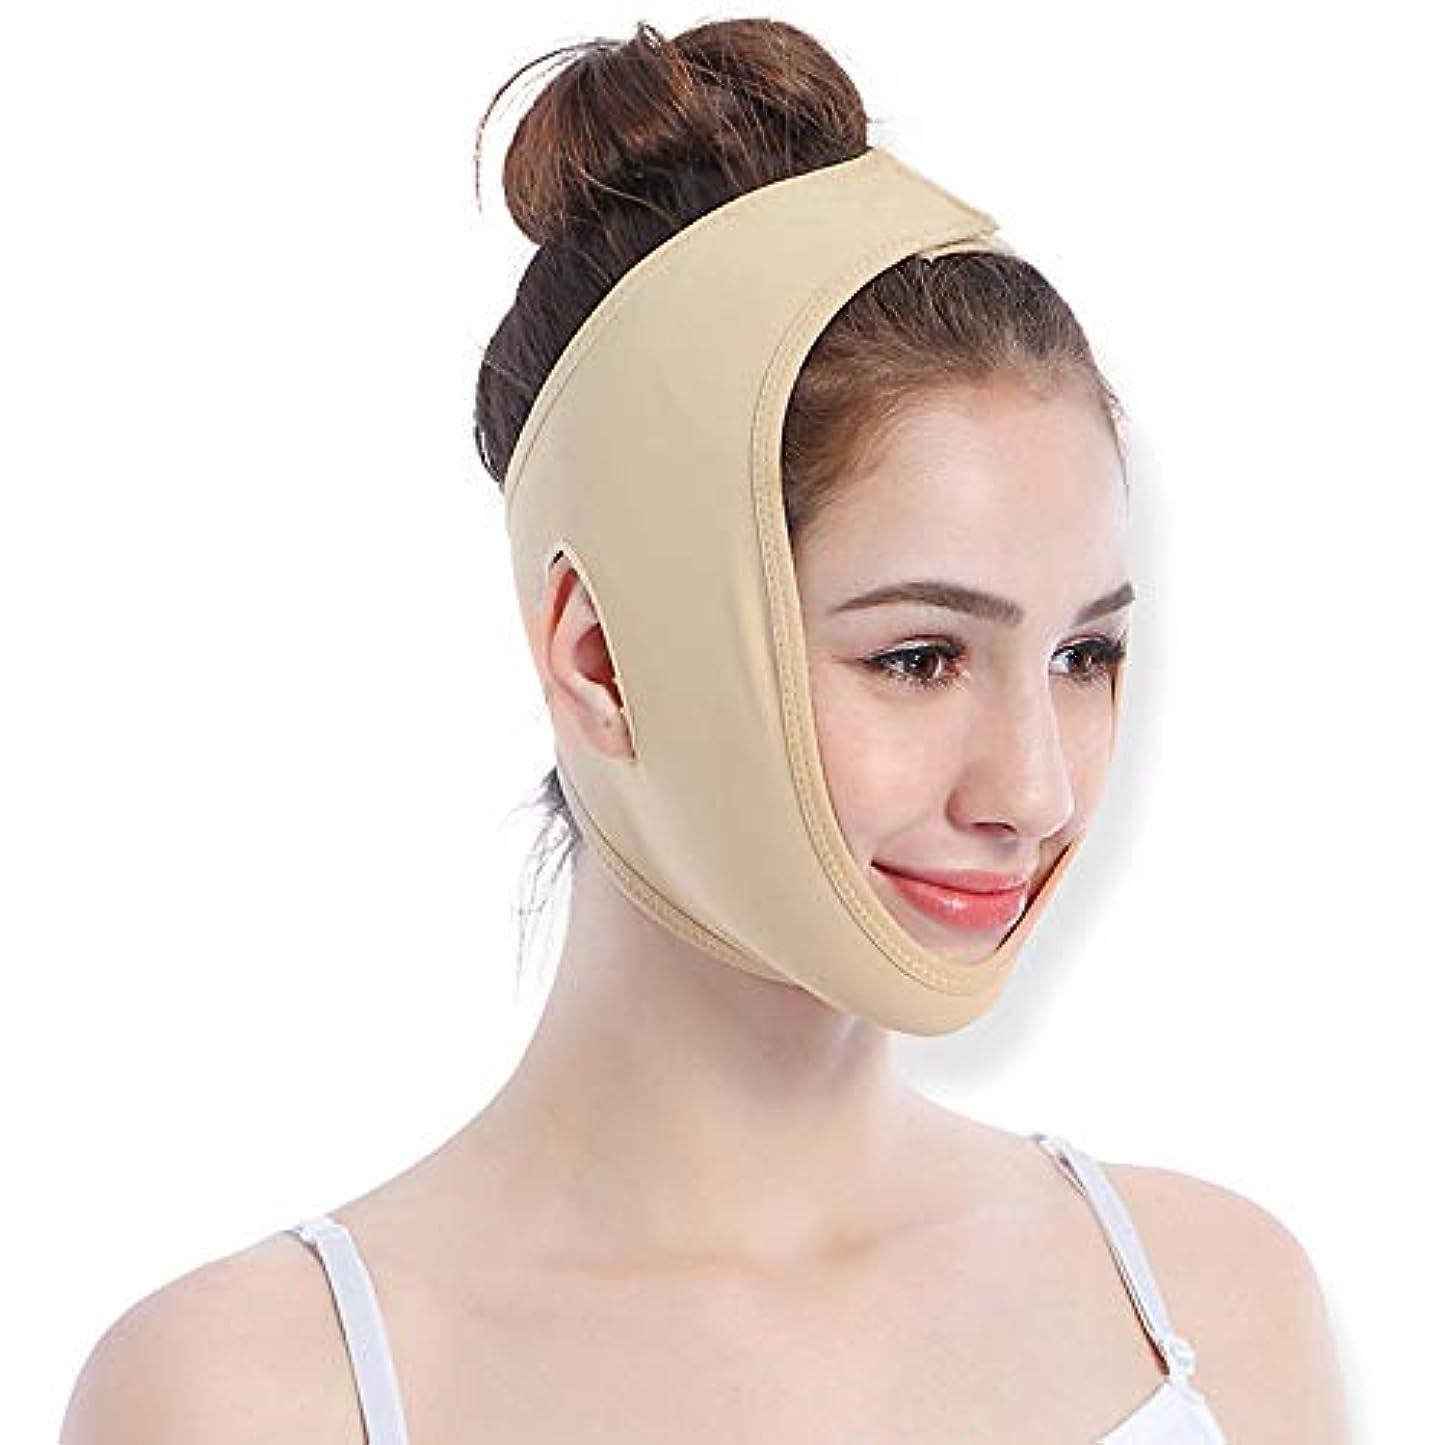 考古学胚撤回する顔の重量損失通気性顔マスク睡眠 V 顔マスク顔リフティング包帯リフティング引き締めフェイスリフティングユニセックス,S